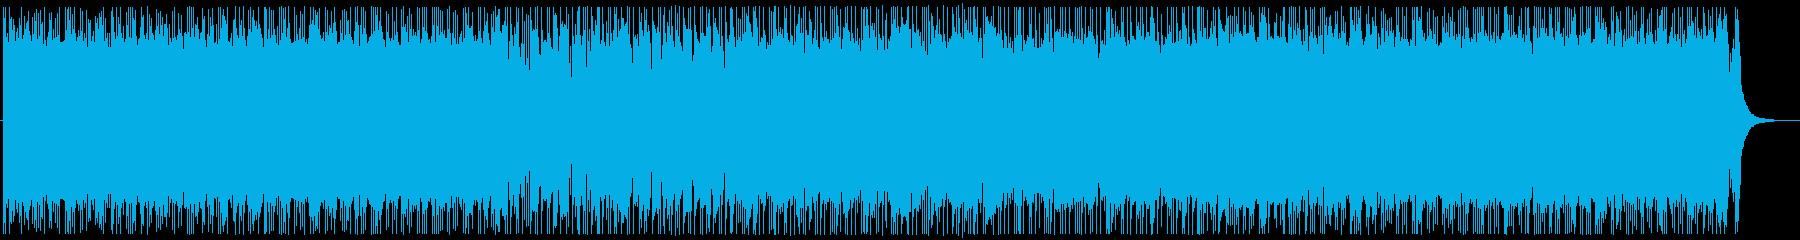 爽やか・疾走感・パンクロック ソロ無しの再生済みの波形